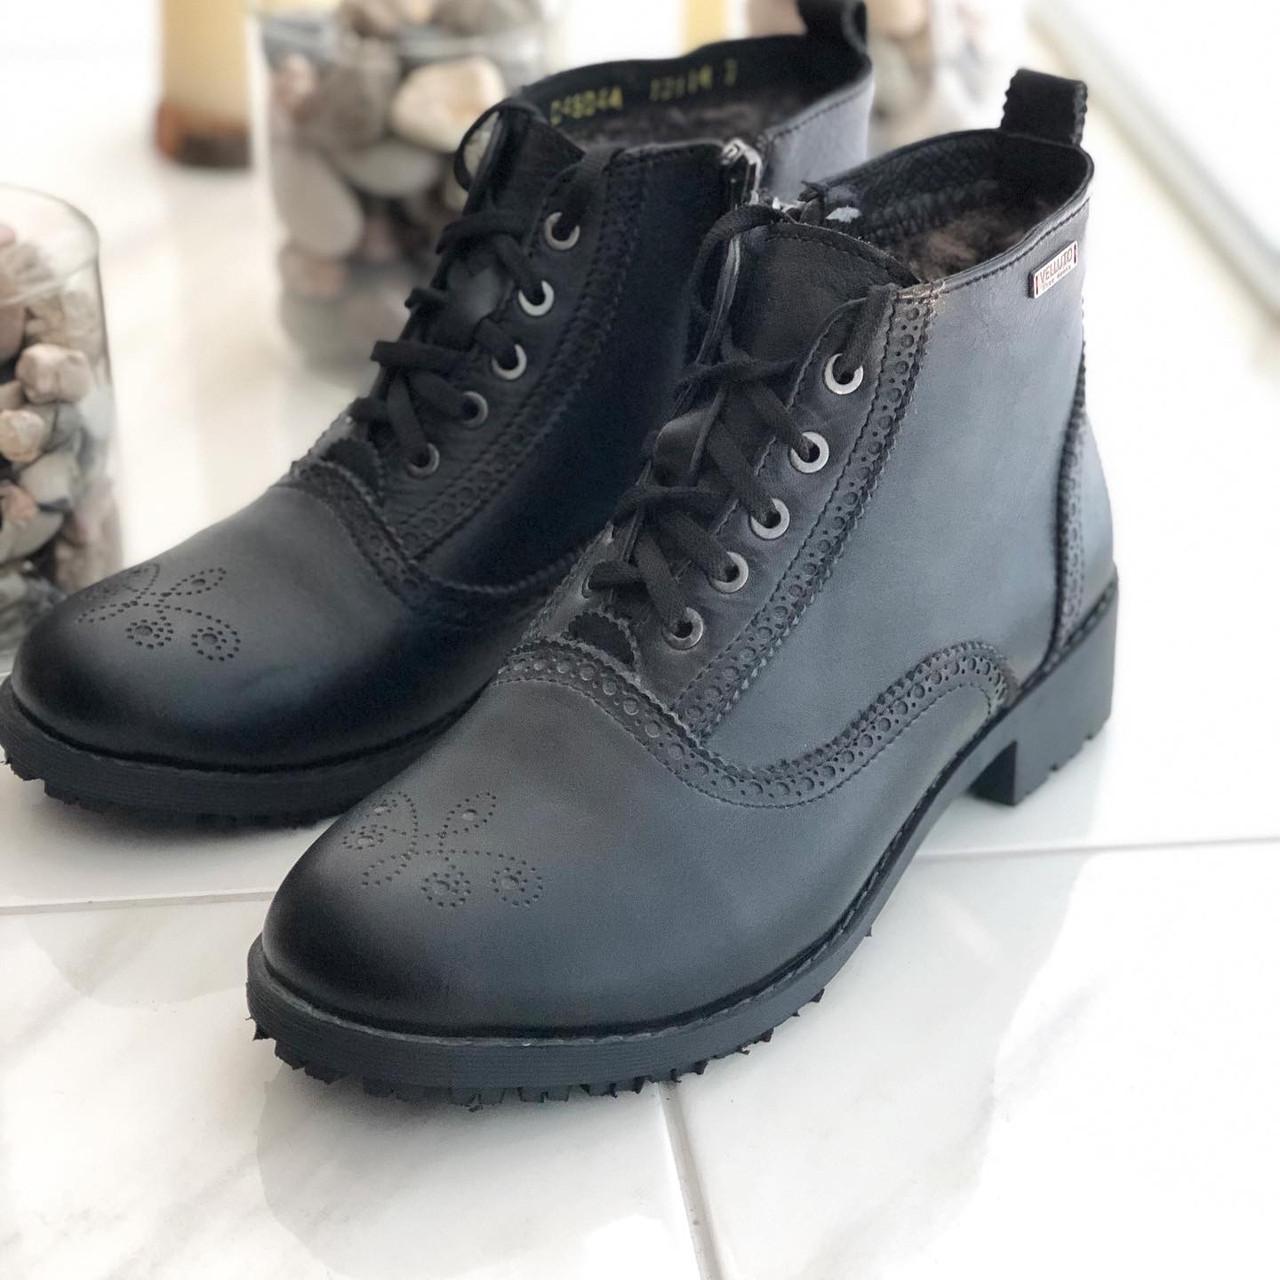 Женские кожаные зимние ботинки перфорация 37размер